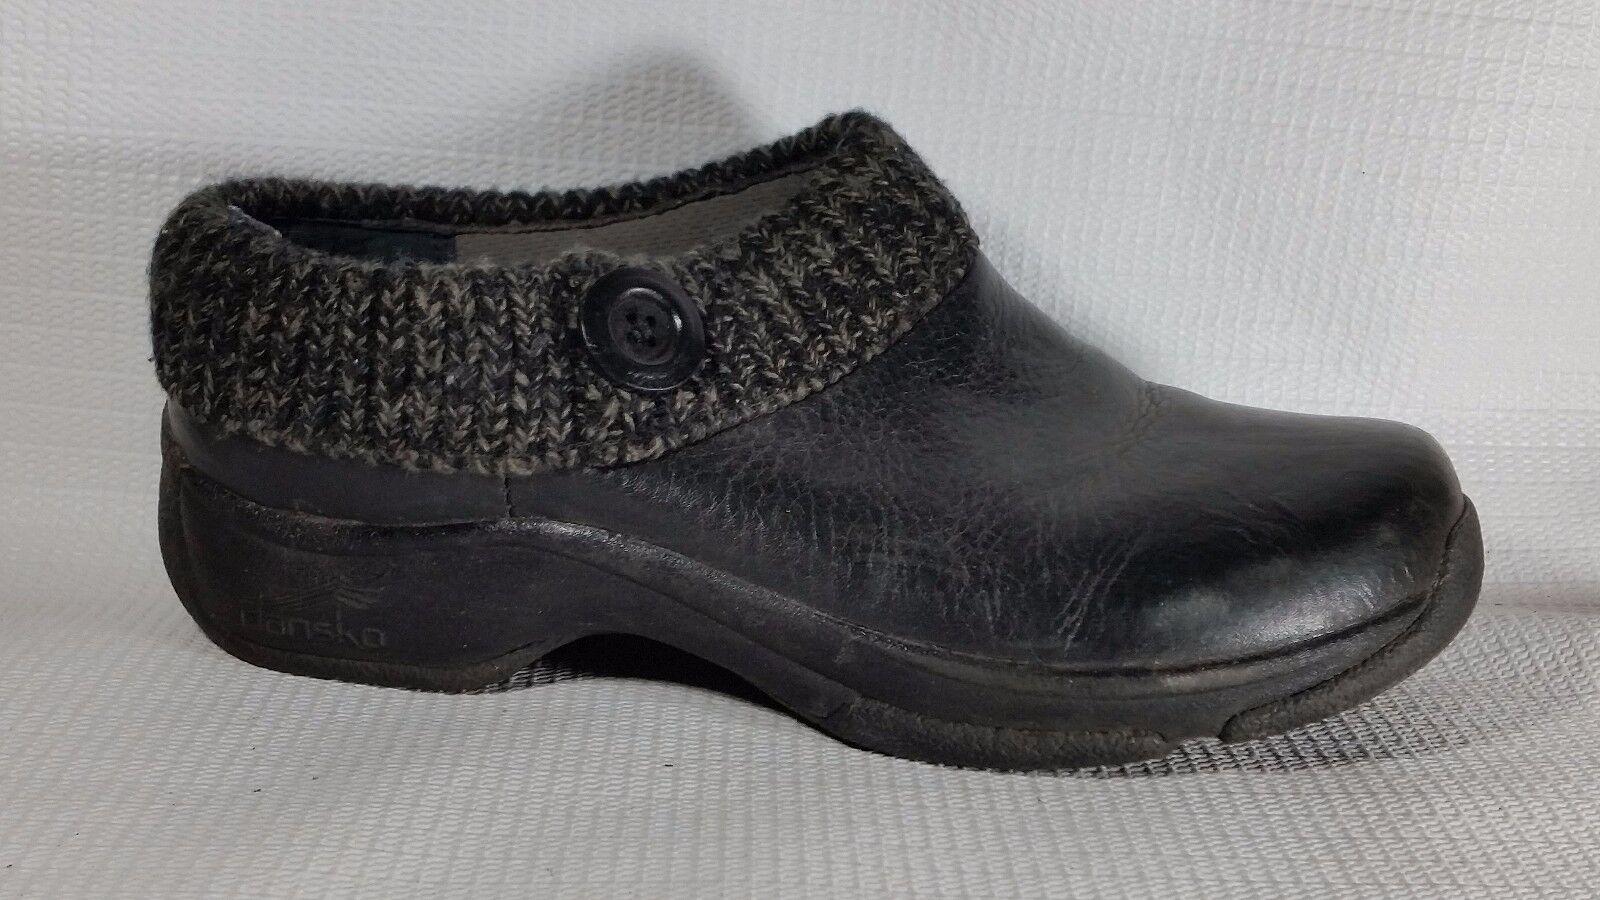 Dansko 5408020200 Negro Cuero Comodidad Comodidad Comodidad Zueco Zapatos para mujer Kenzie 8.5 9 M EU 39  ventas en linea